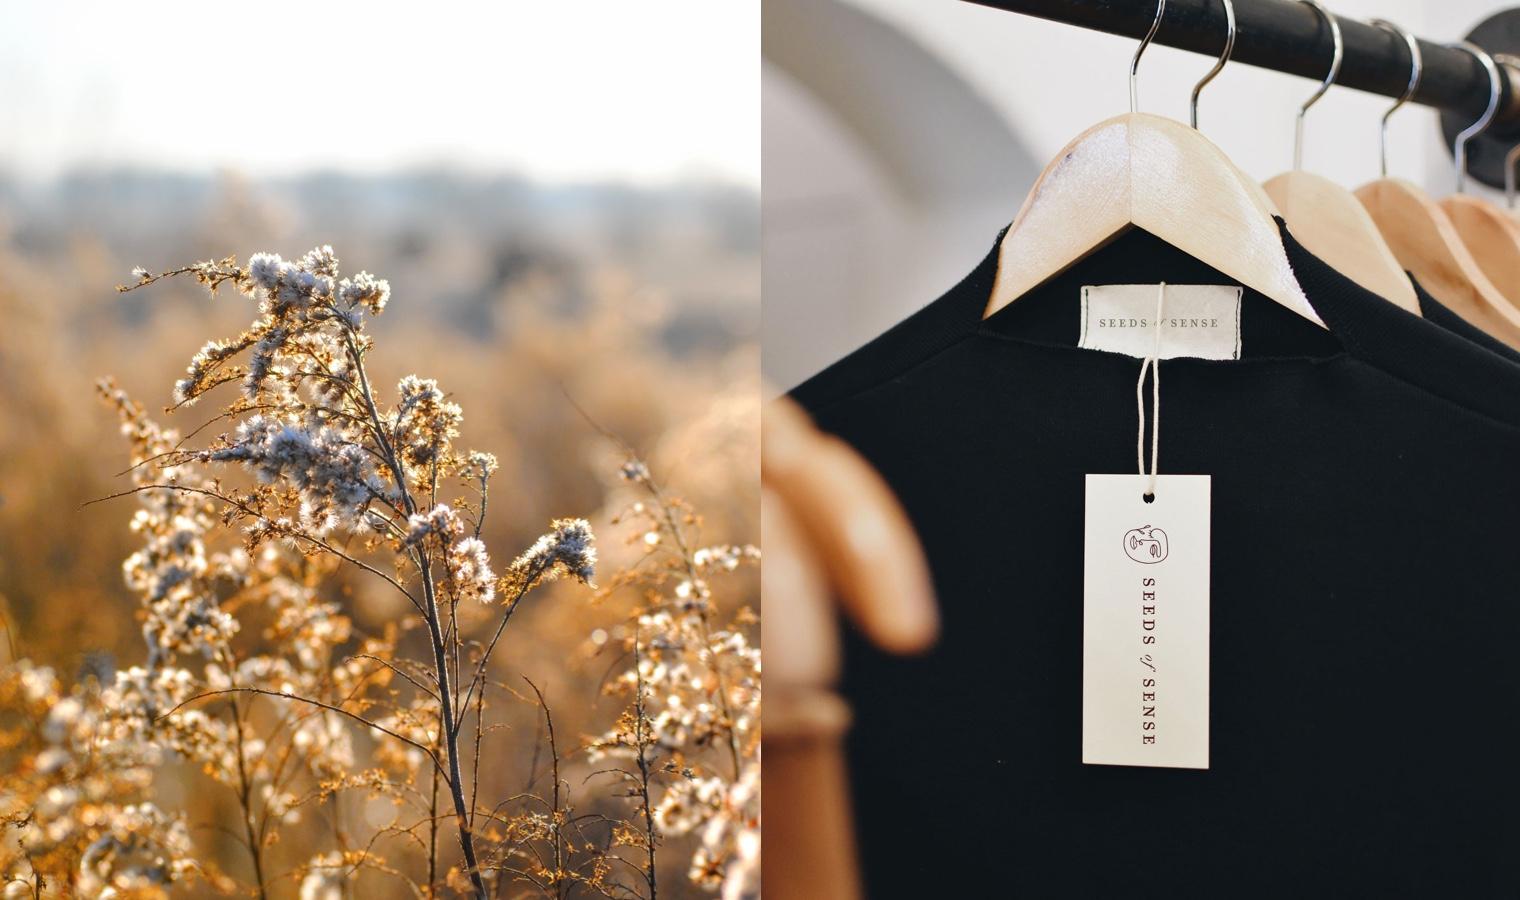 Seeds-of-Sense-Sustainable-Yoga-Wear-Branding-03.jpg